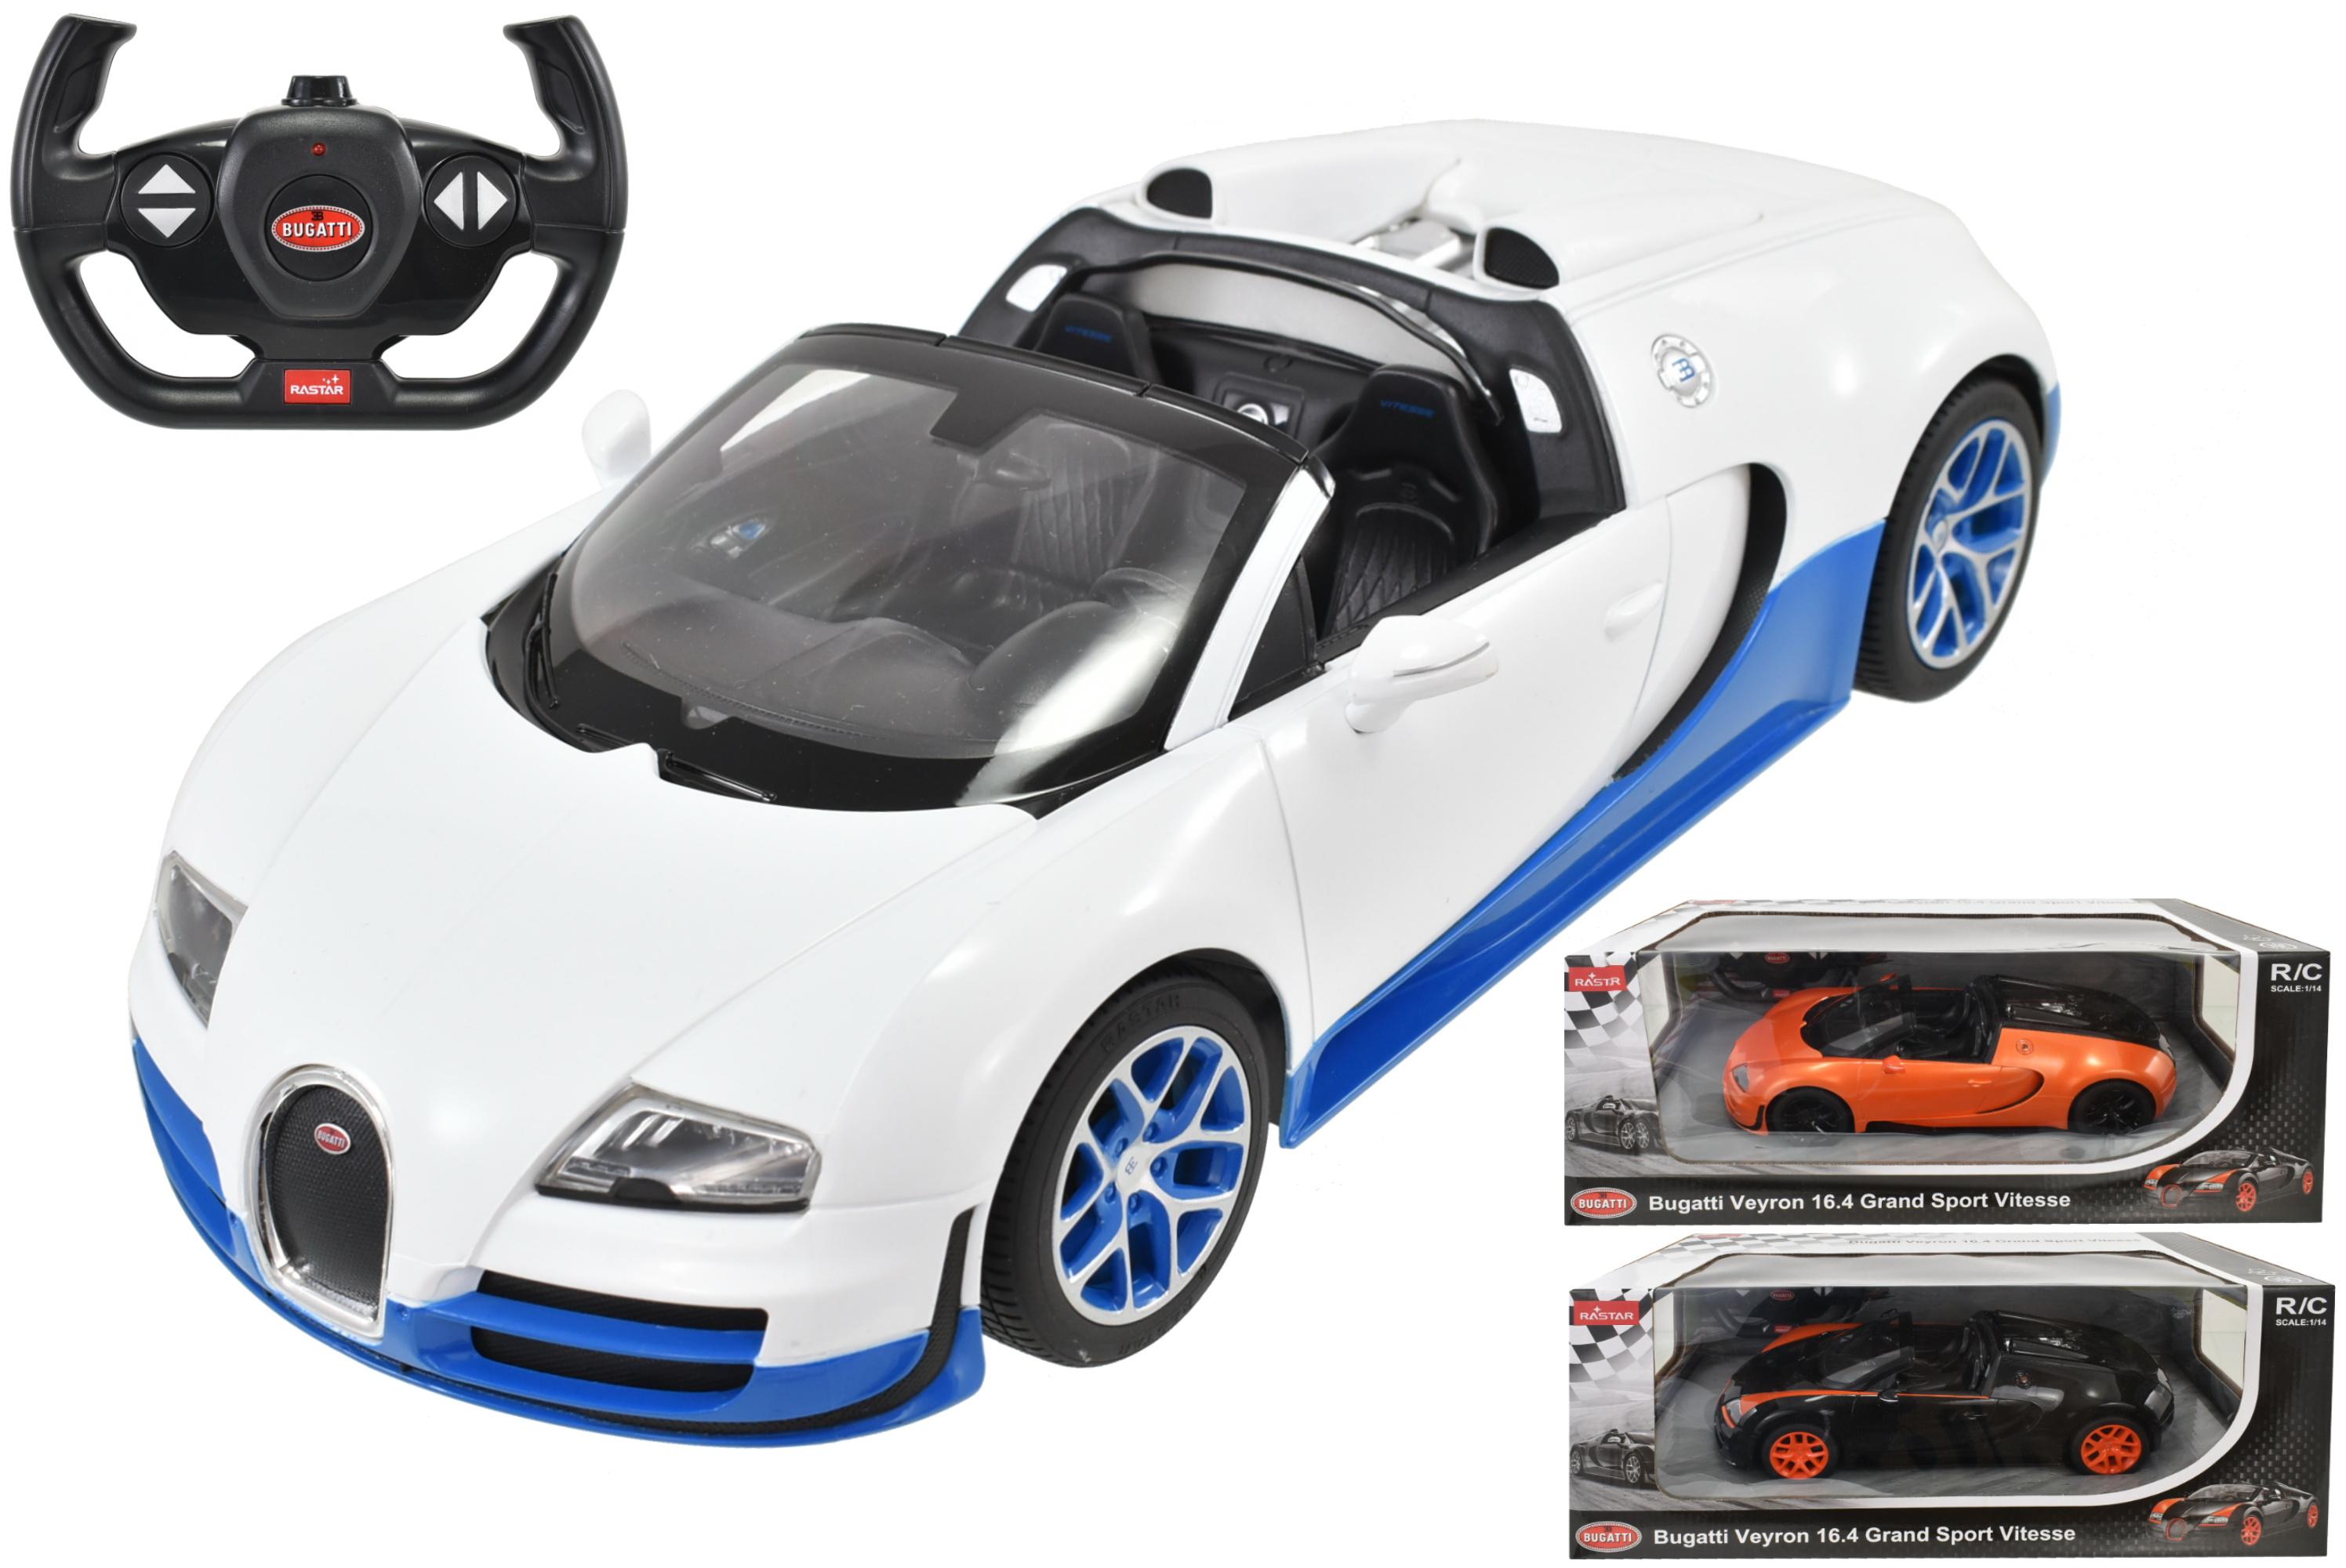 R/C Bugatti Grand Sport Vitesse 1:14sc In Window Box